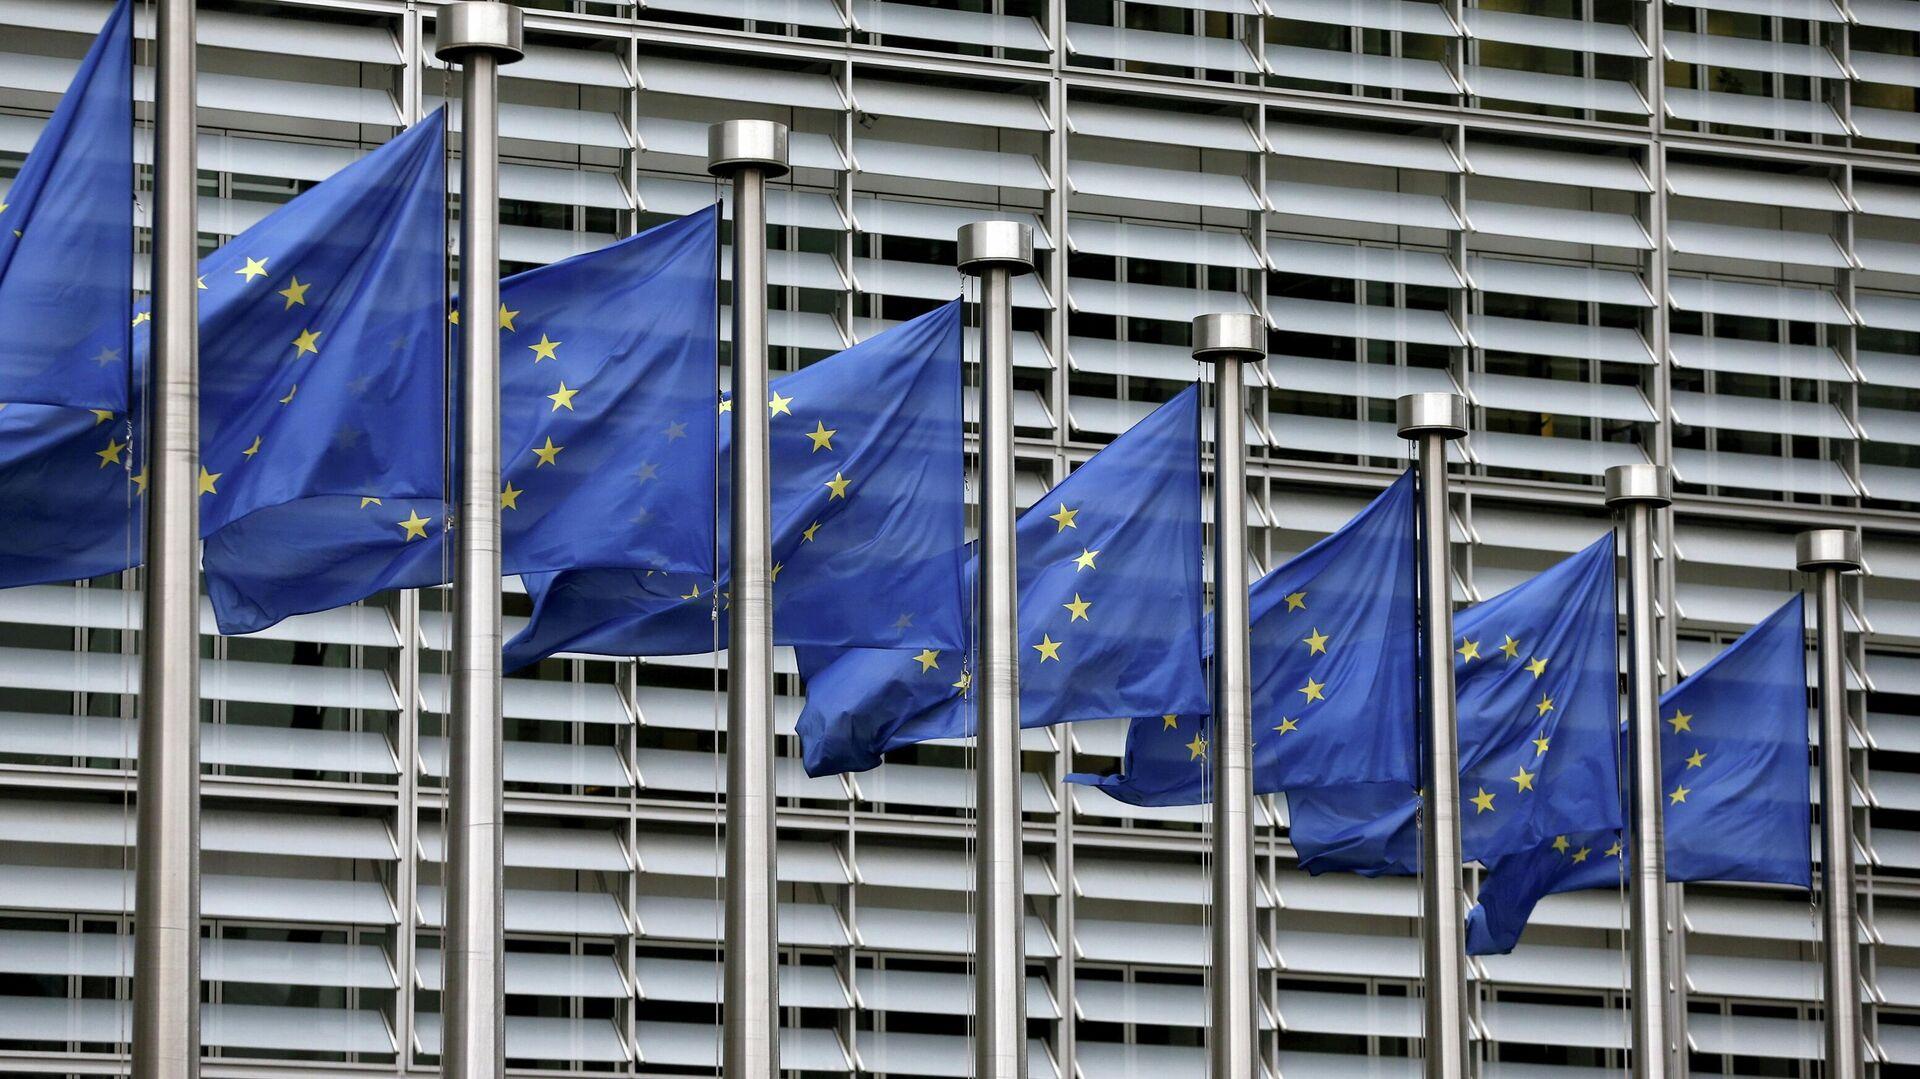 Bandera de la UE - Sputnik Mundo, 1920, 04.10.2021